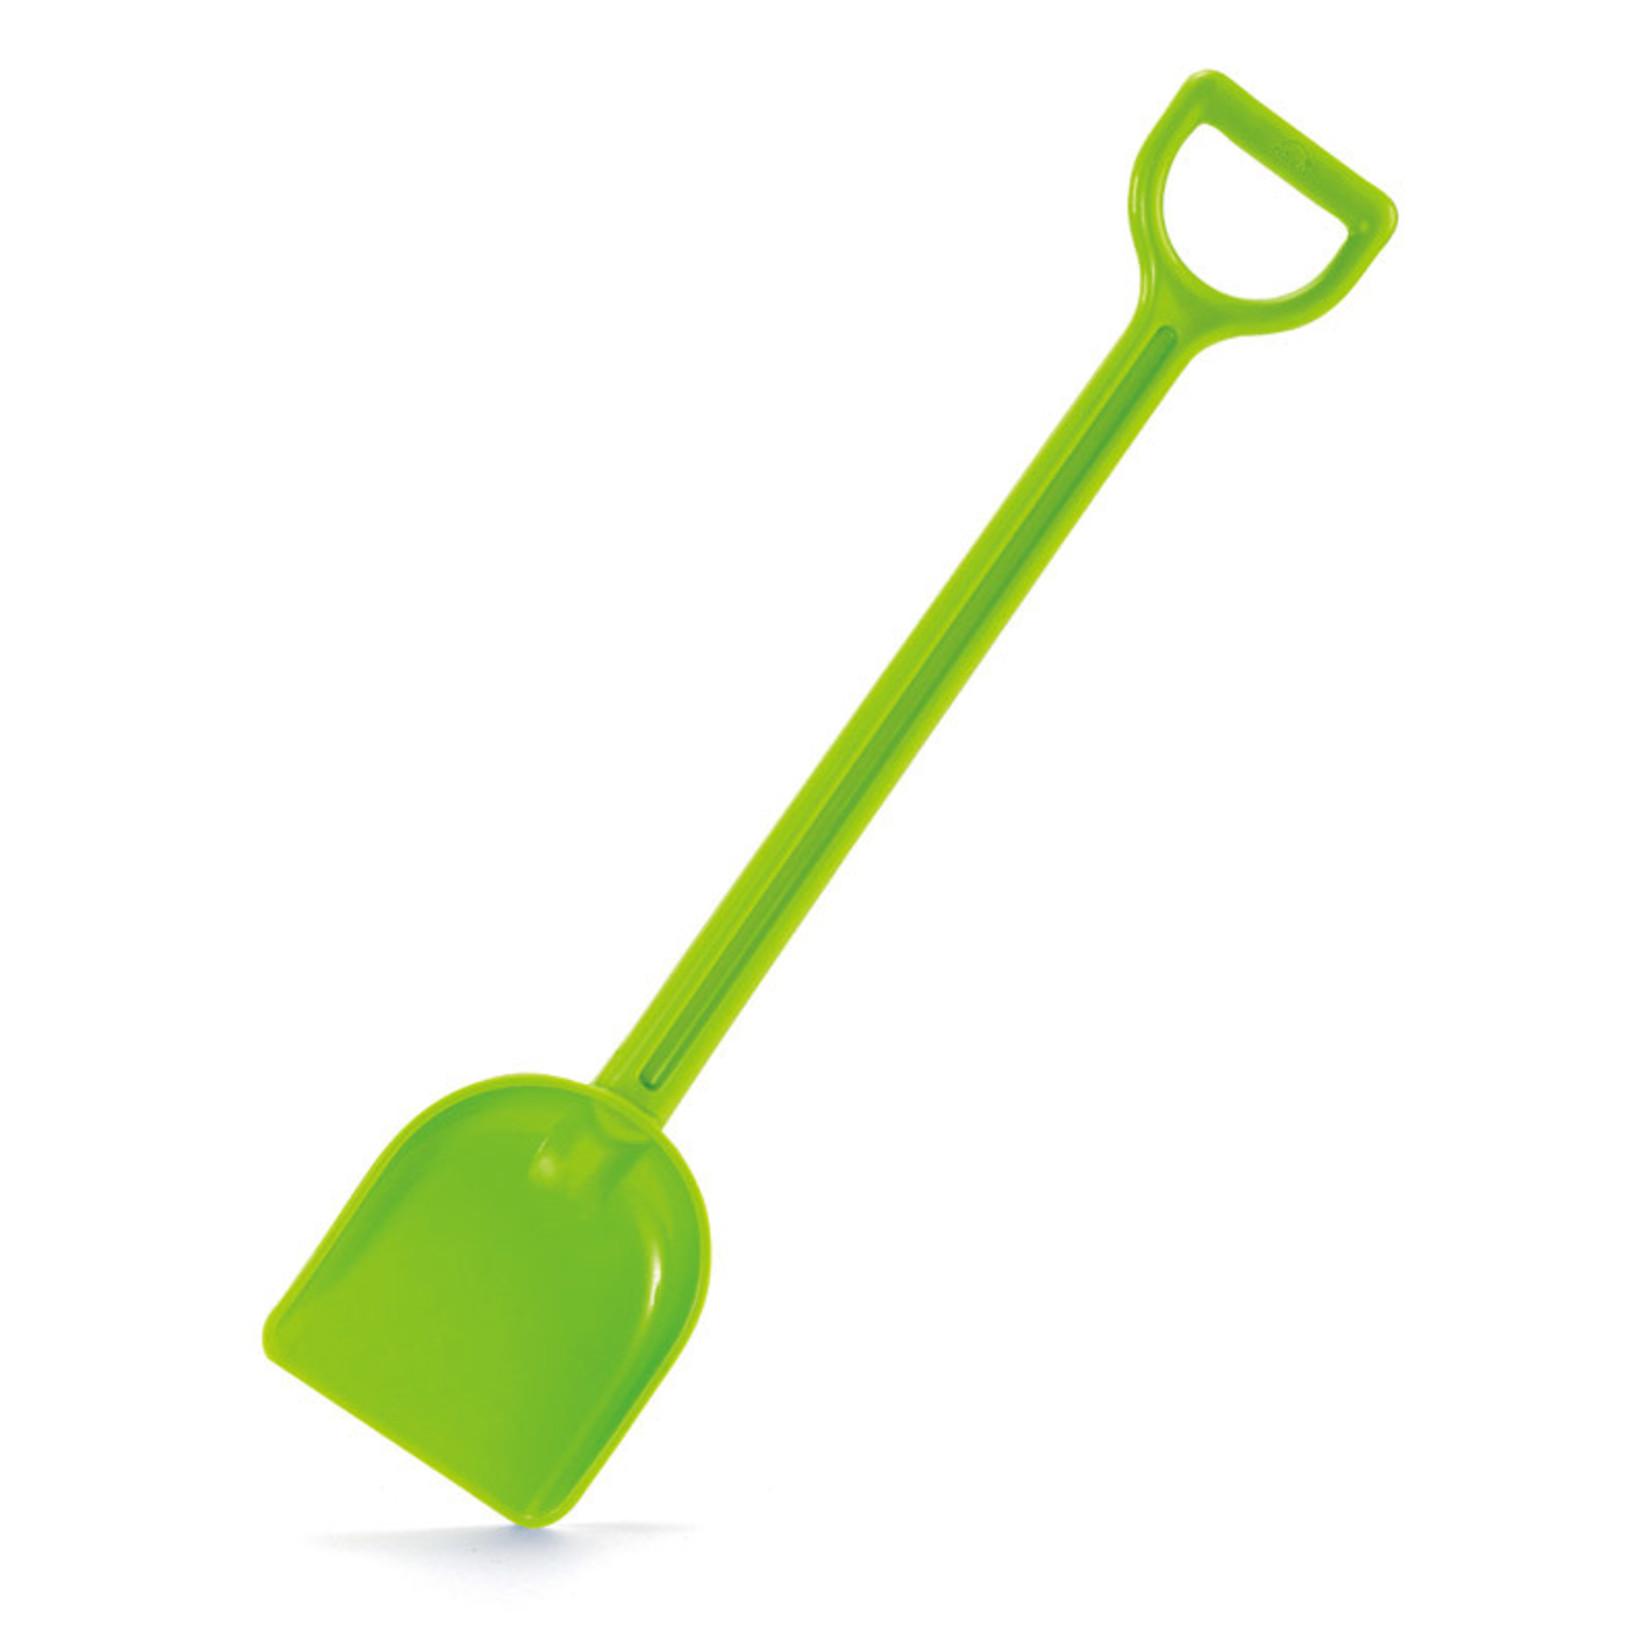 HAPE MIGHTY SHOVEL GREEN